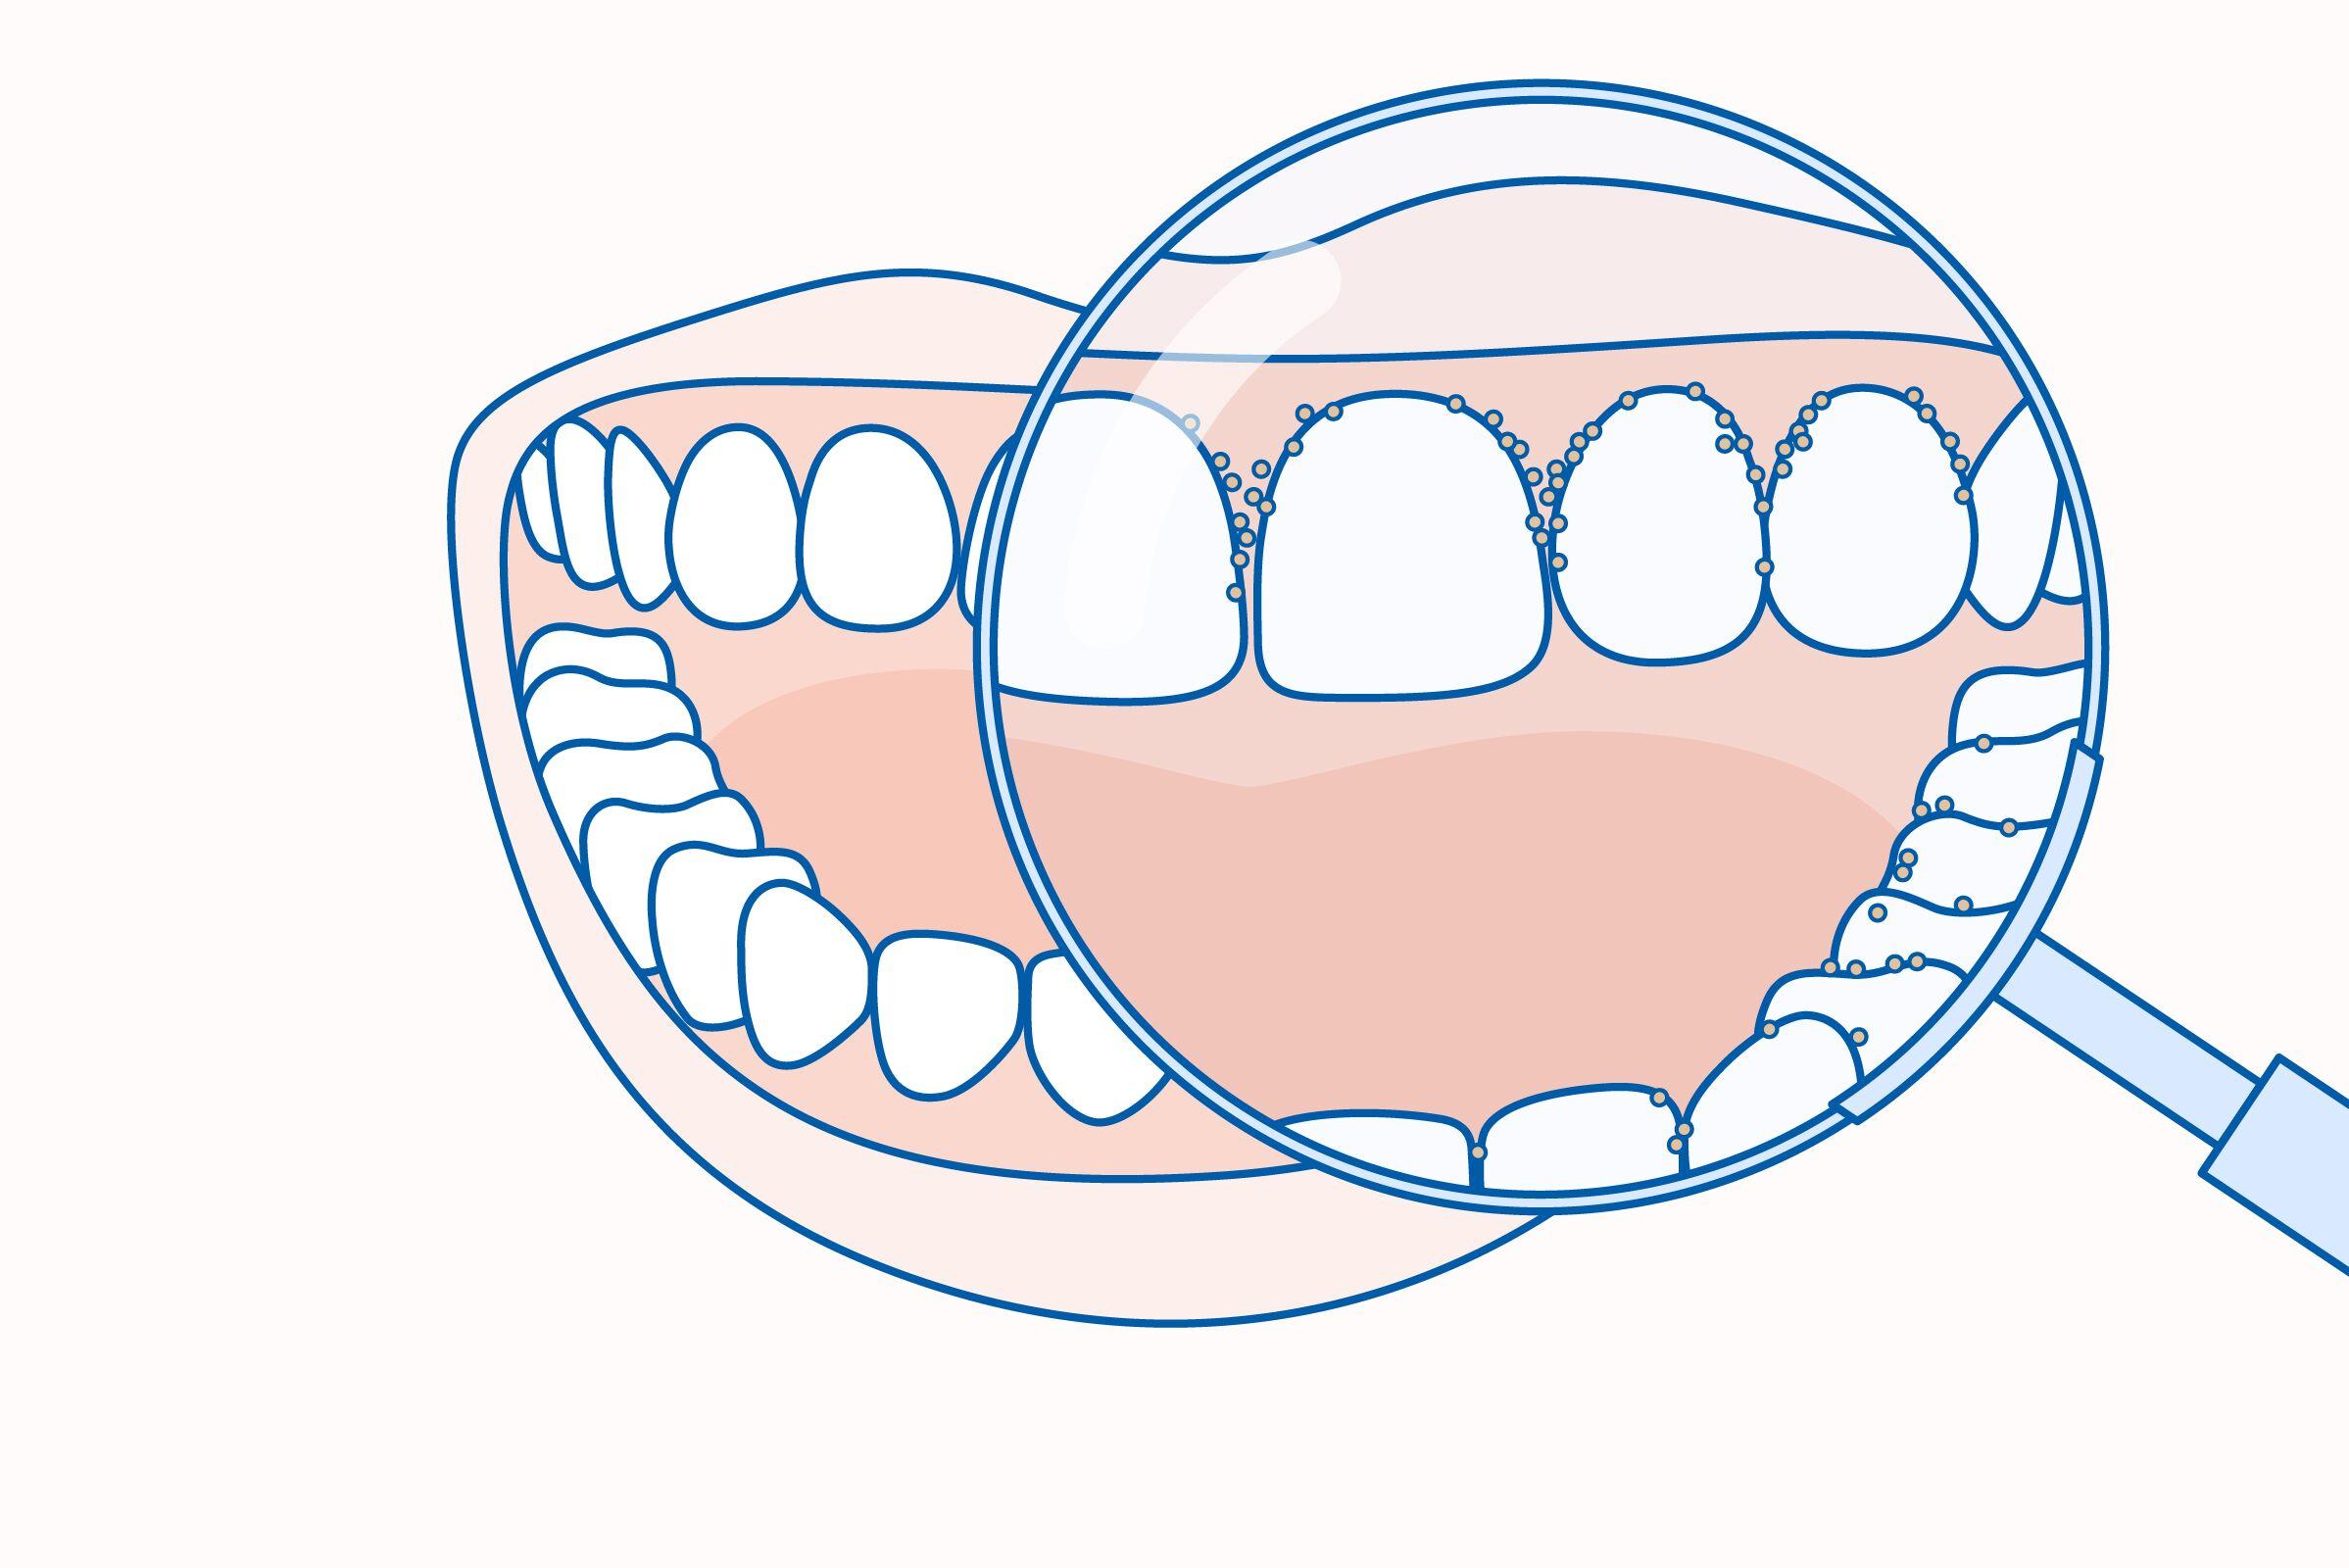 rossz lehelet periodontitisszel hogyan lehet meggyógyítani a parazitákat népi gyógyszerekkel